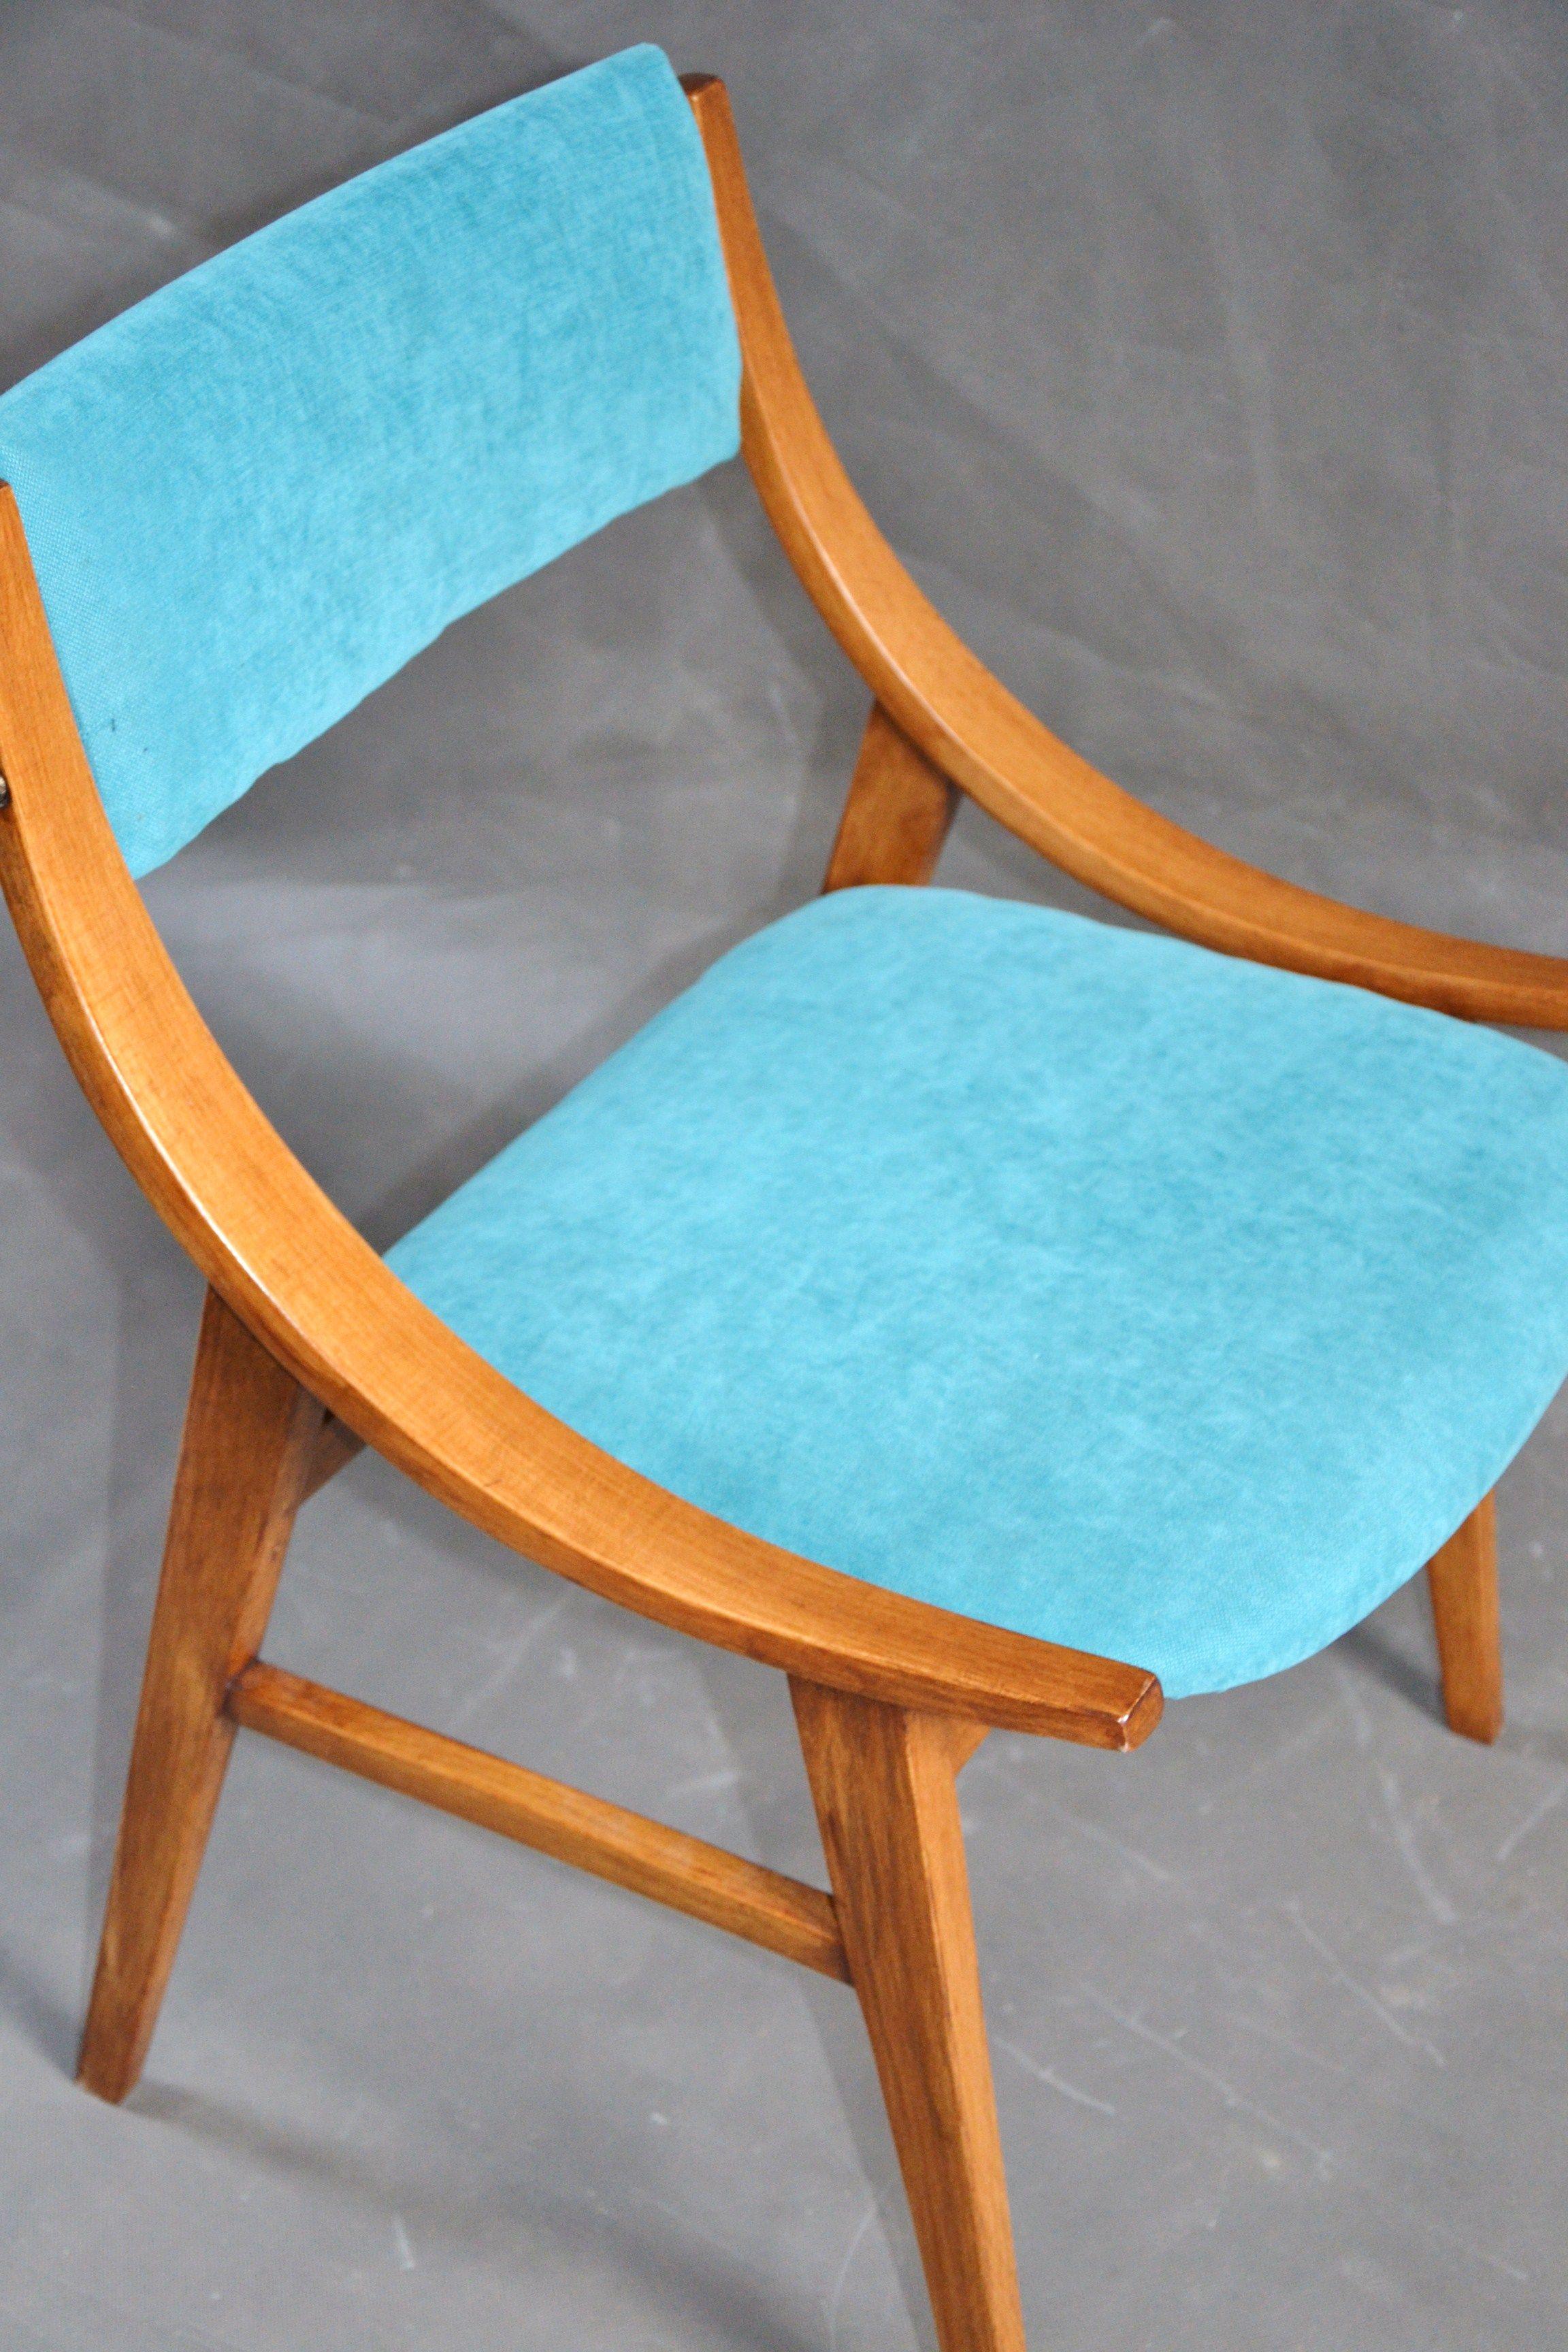 Polski Design Lata 60 Te Turkusowe Krzeslo Skoczek Zamojska Fabryki Mebli Symbol Wzornictwa Przemyslowego Czasow Prl U Pro Furniture Design Dining Chairs